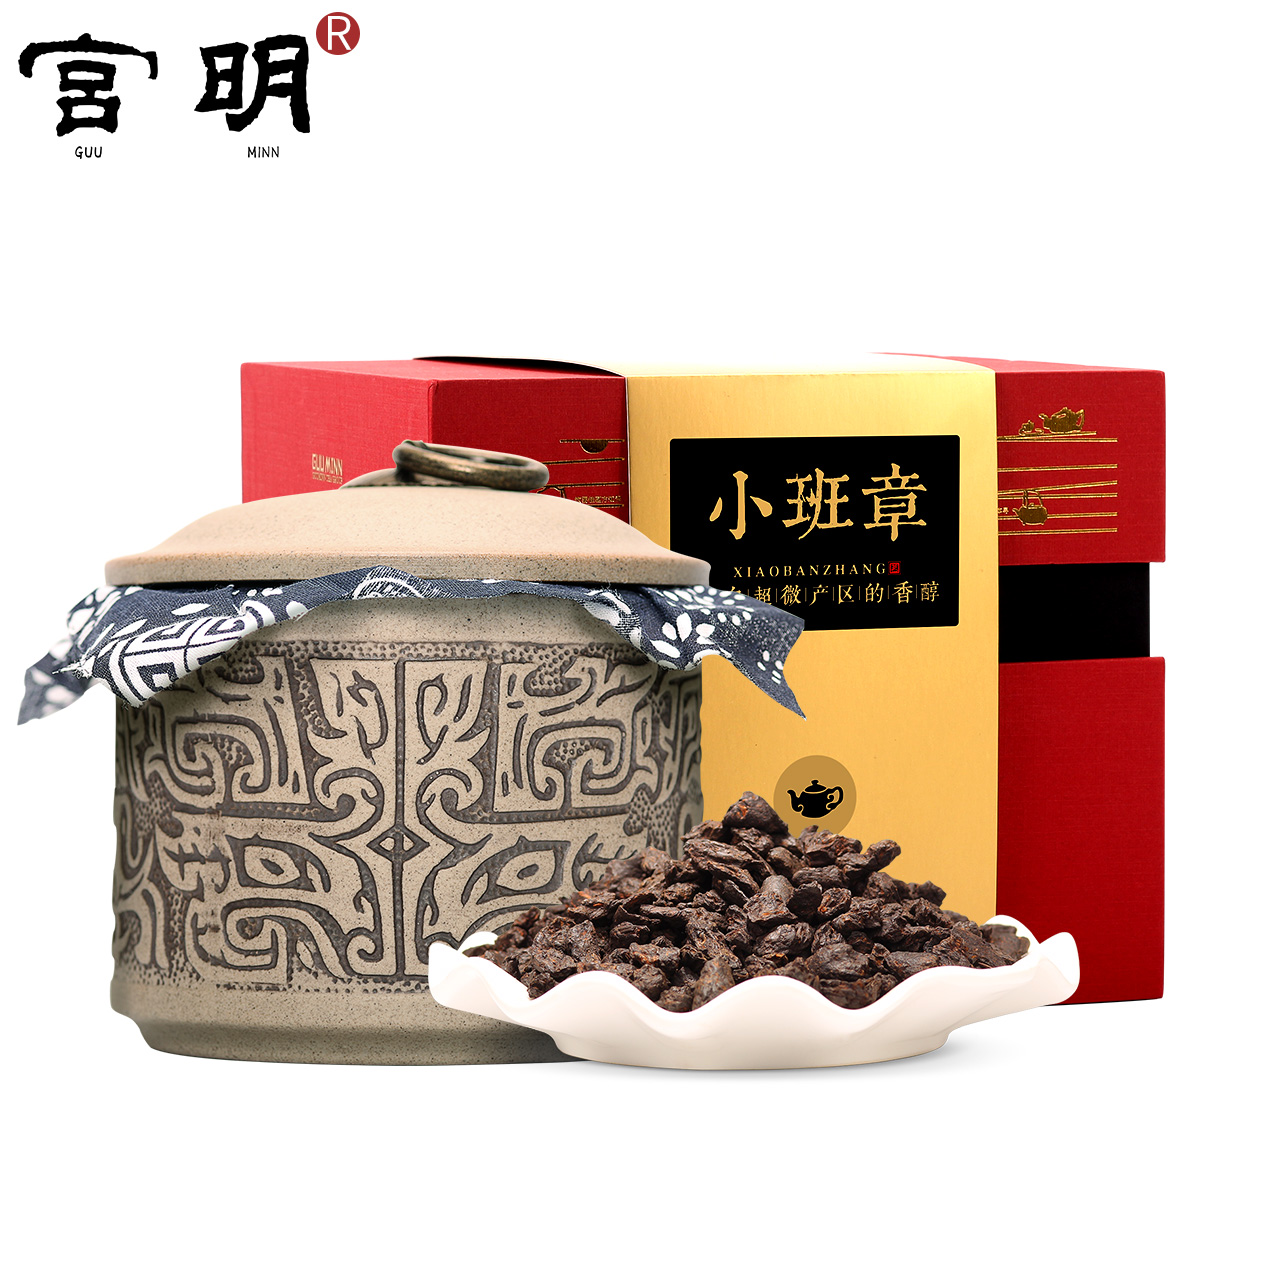 宮明茶葉 2001年小班章古樹茶 醇香茶化石 碎銀子 云南普洱茶熟茶